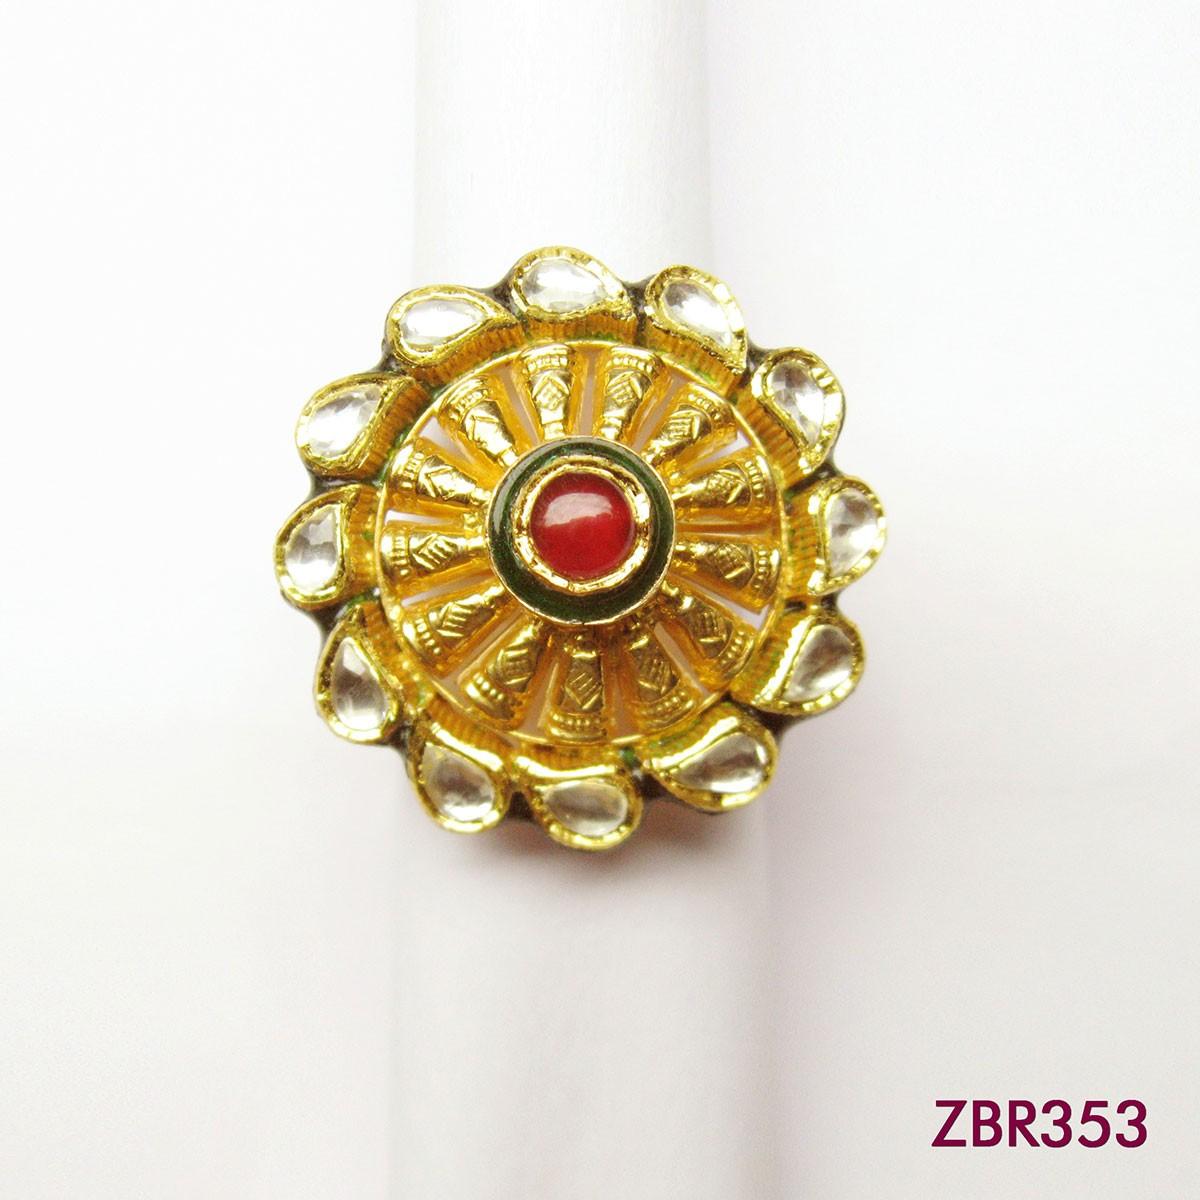 ZBR353